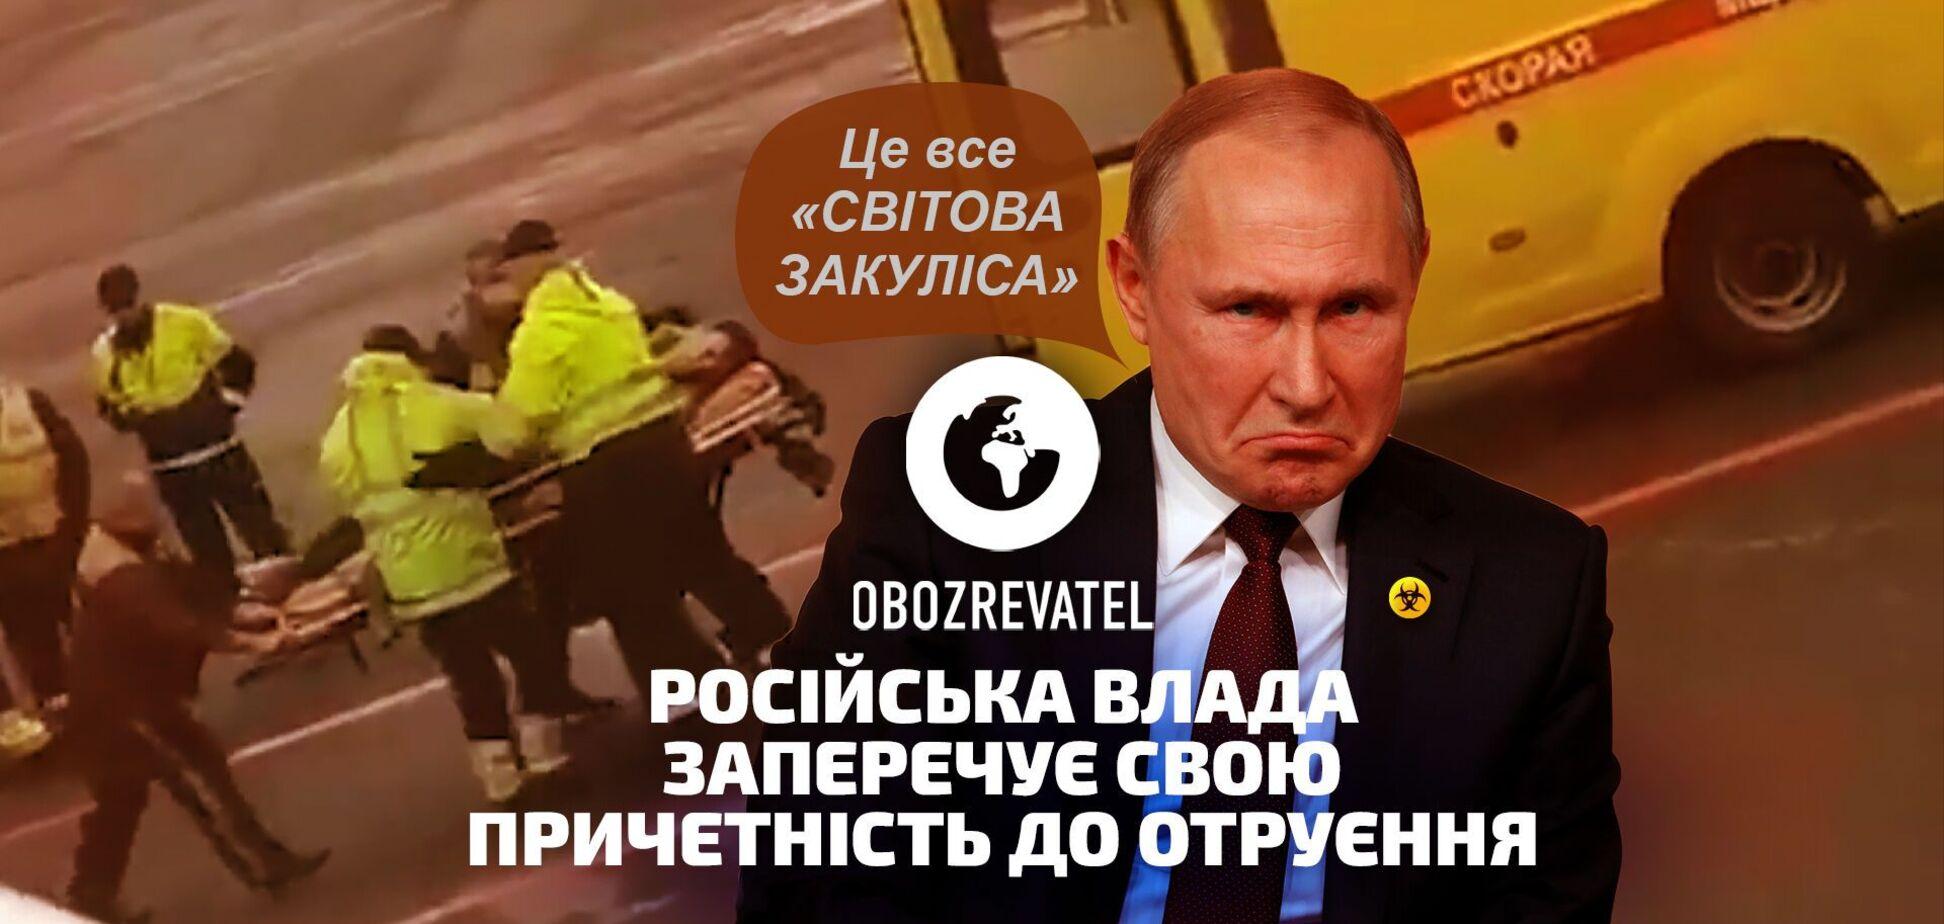 МВД России отказалось расследовать отравление Навального – дайджест международных событий